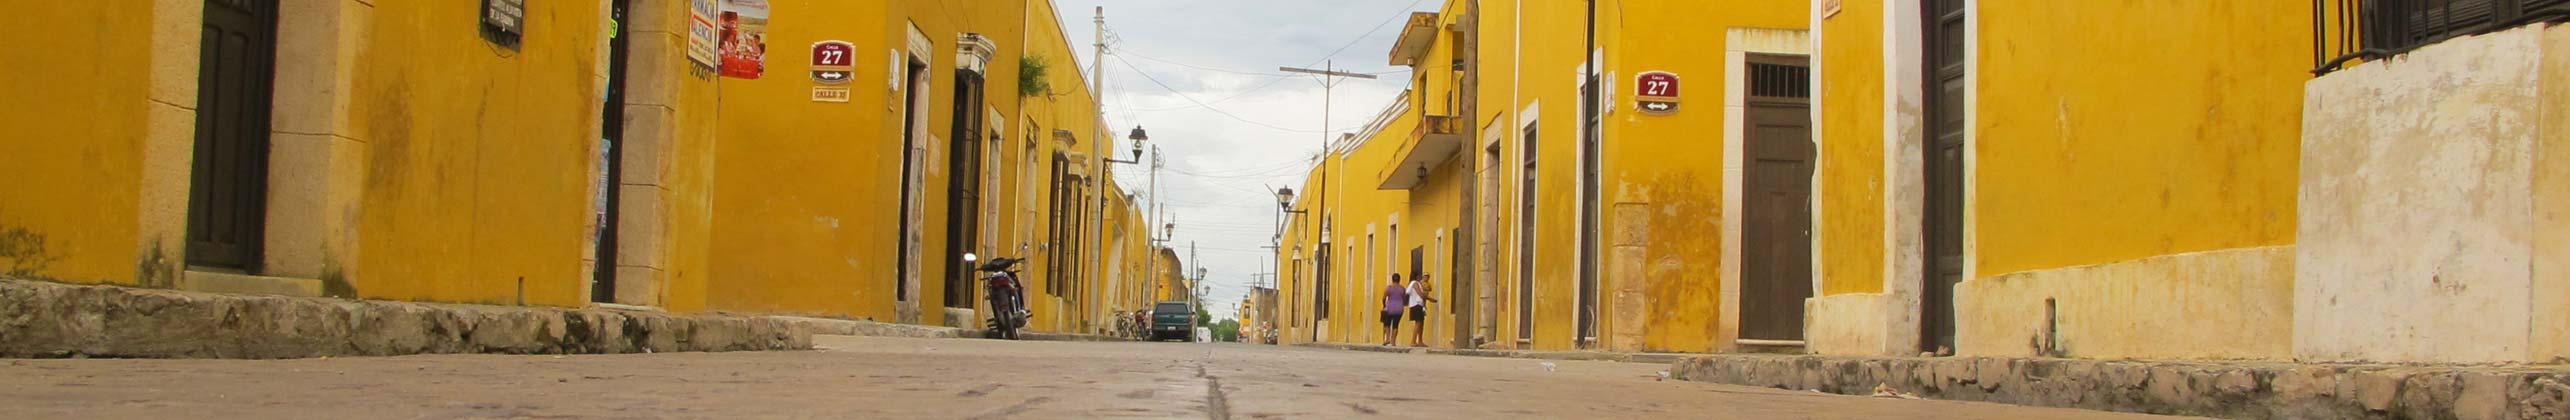 Voyage solidaire en Amérique latine avec TDS VOYAGE